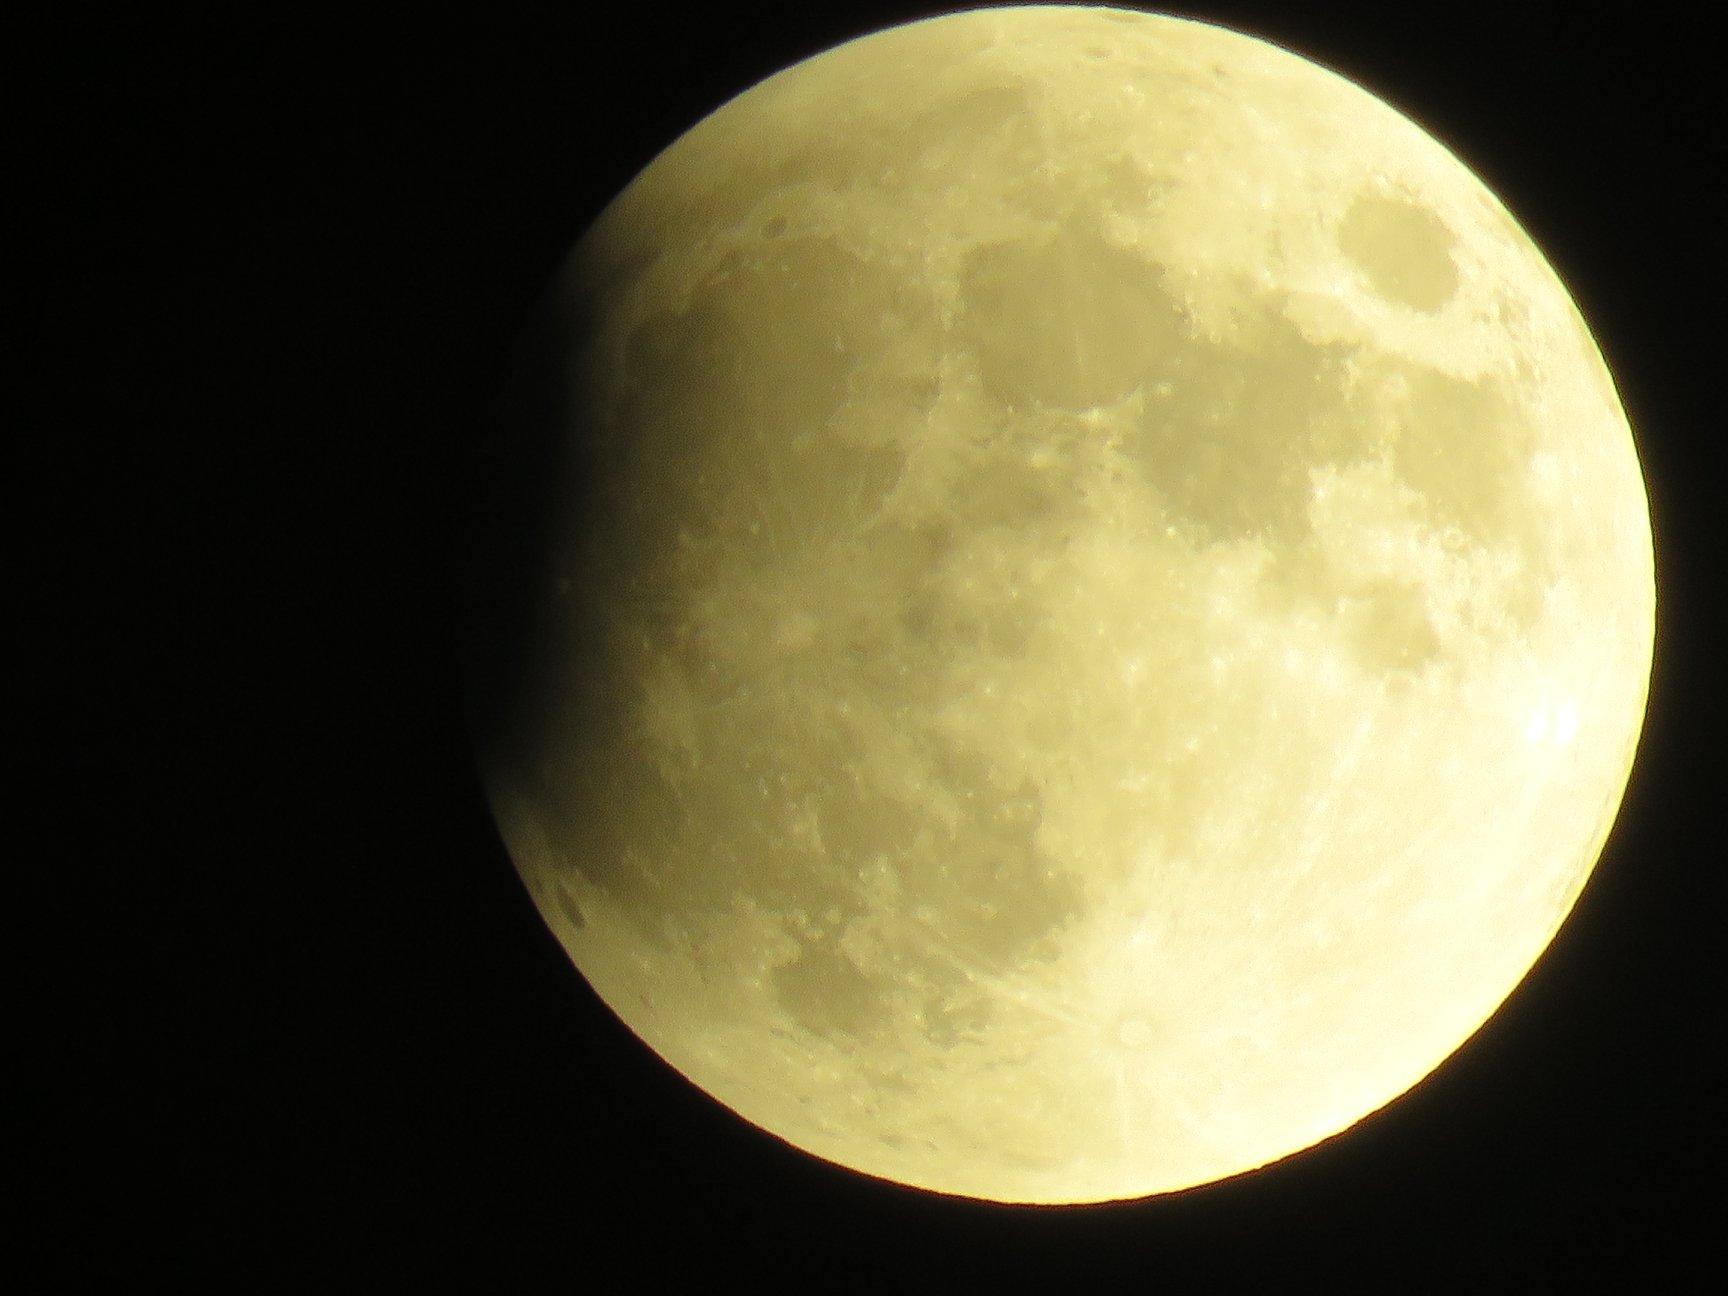 أولى صور الخسوف للقمر نشرتها جمعية رؤية لهواة الفلك